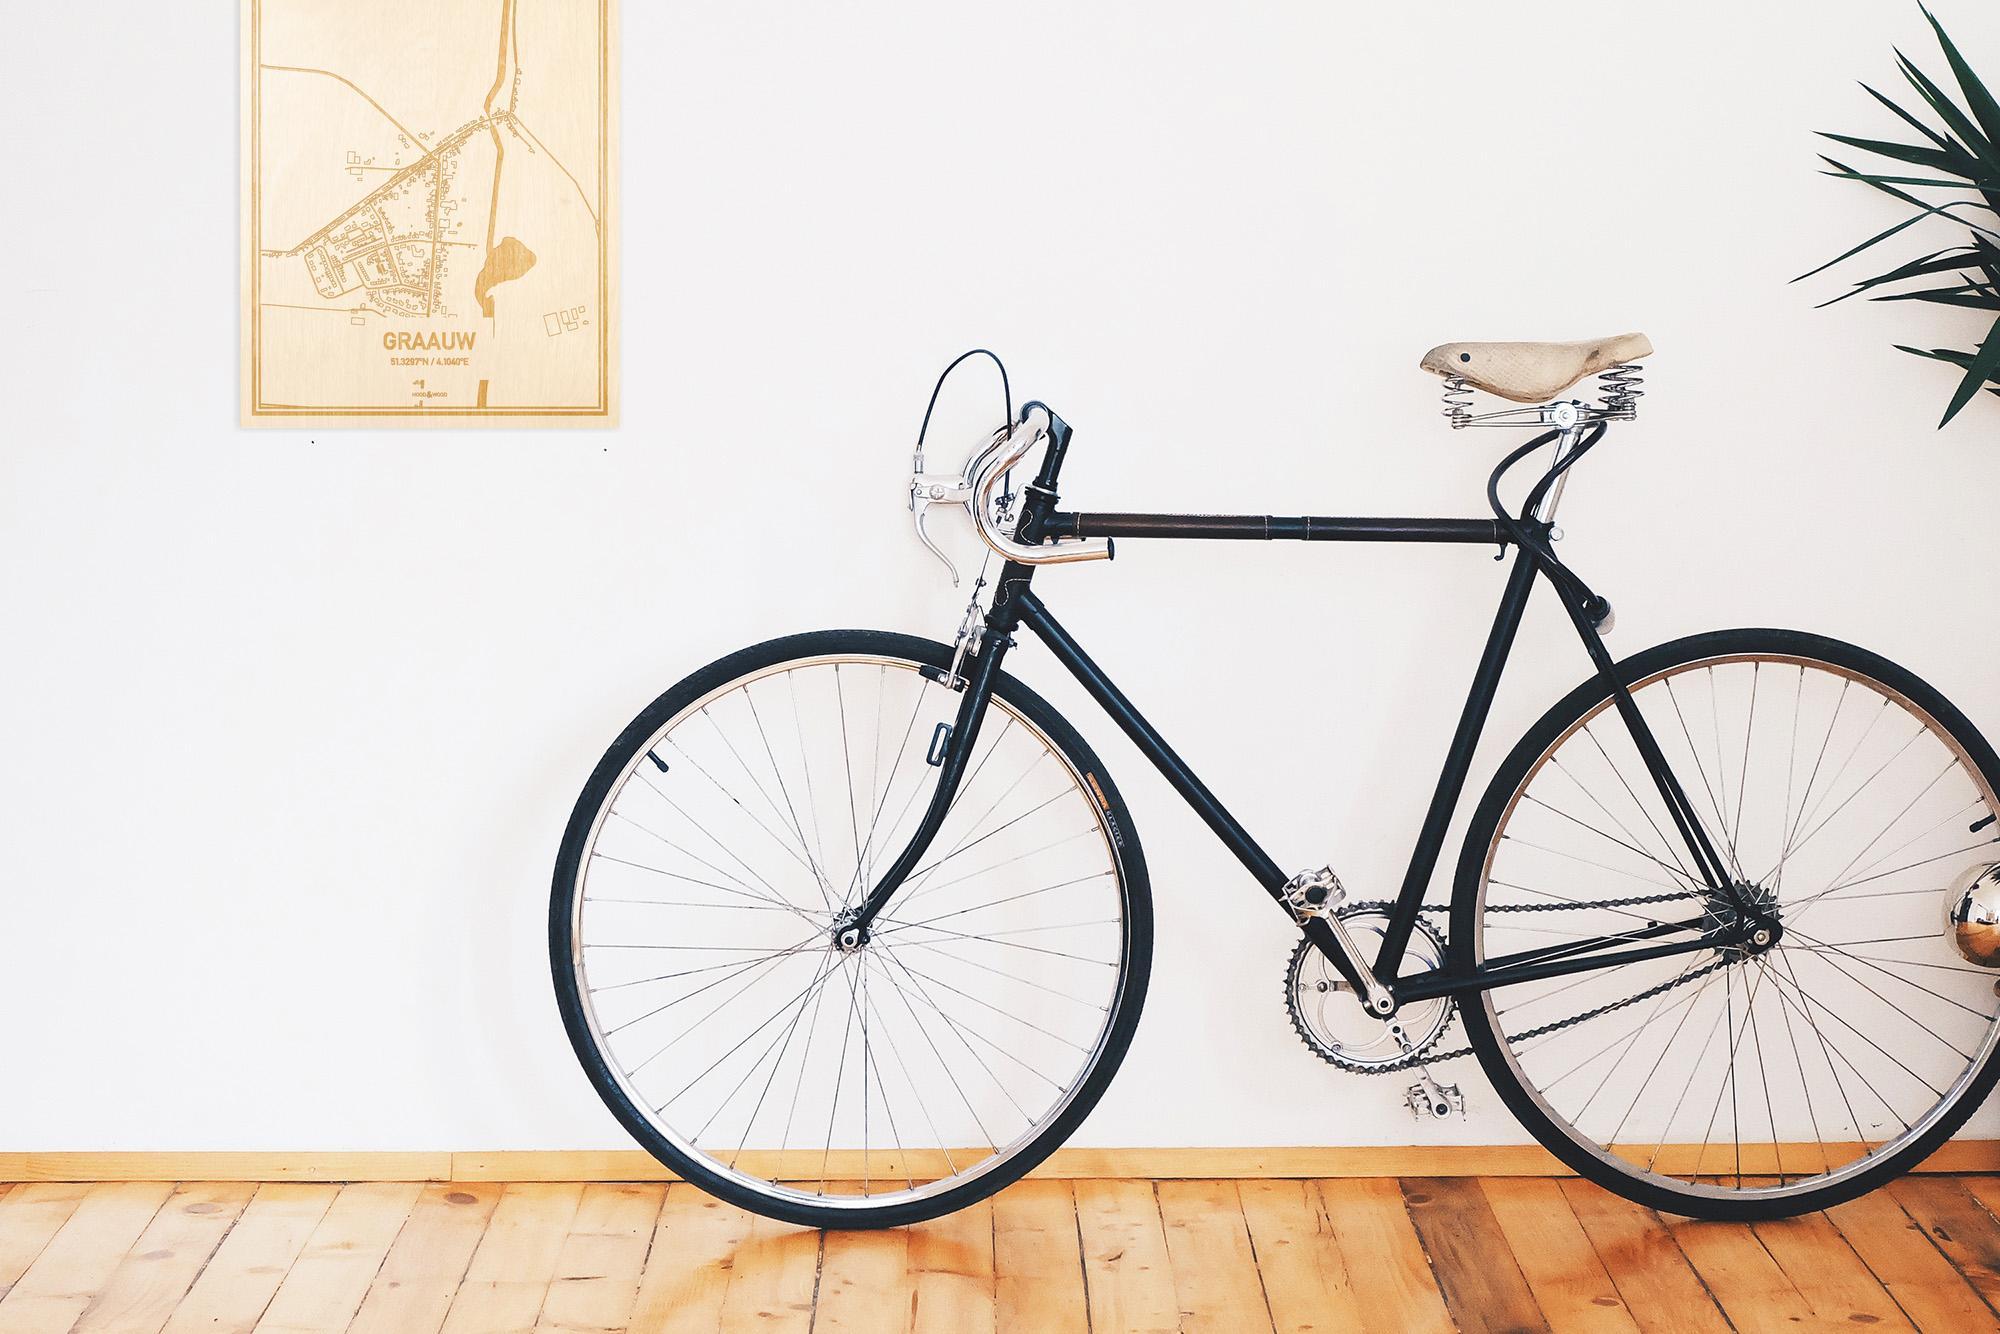 Een snelle fiets in een uniek interieur in Zeeland met mooie decoratie zoals de plattegrond Graauw.